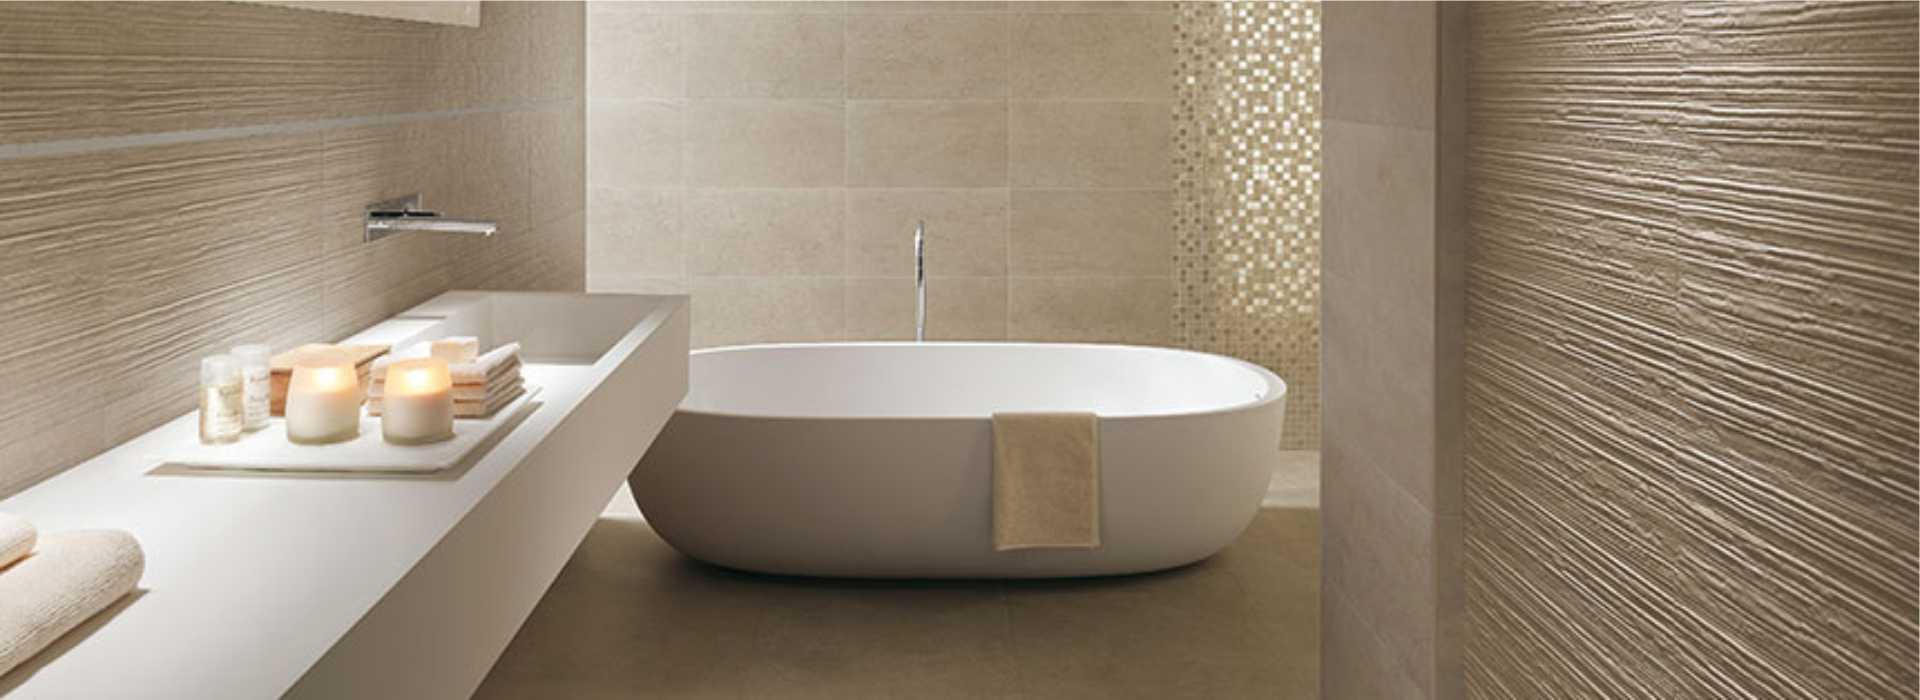 Mobili e accessori arredo bagno minoia arreda for Aziende bagni design